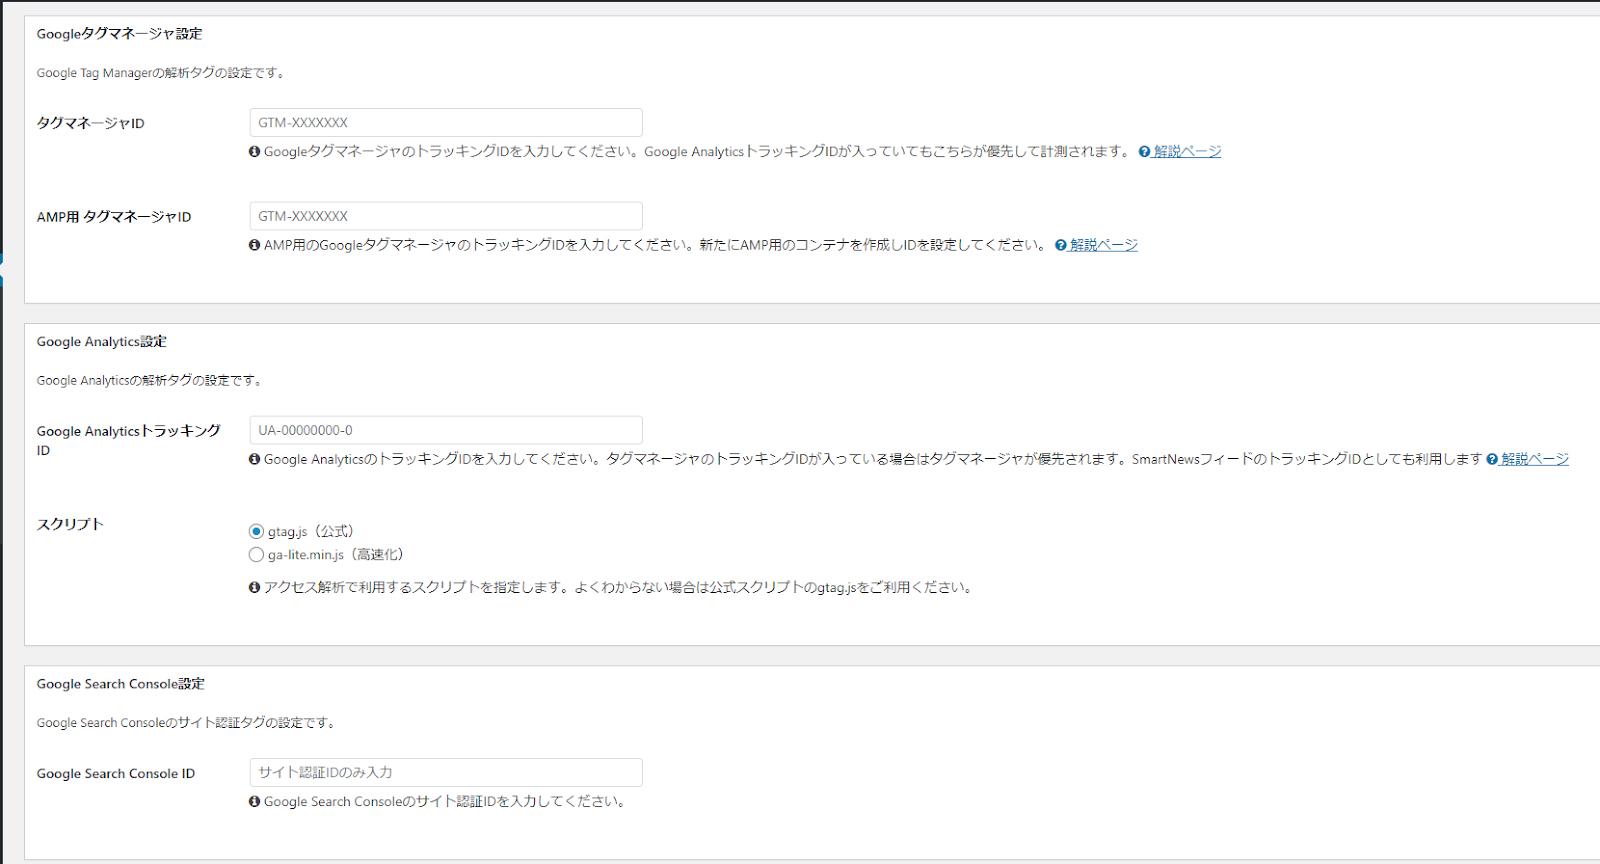 GoogleアナリティクストラッキングID欄に、GoogleアナリティクスのトラッキングID(UA-から始まる英数字)を入力